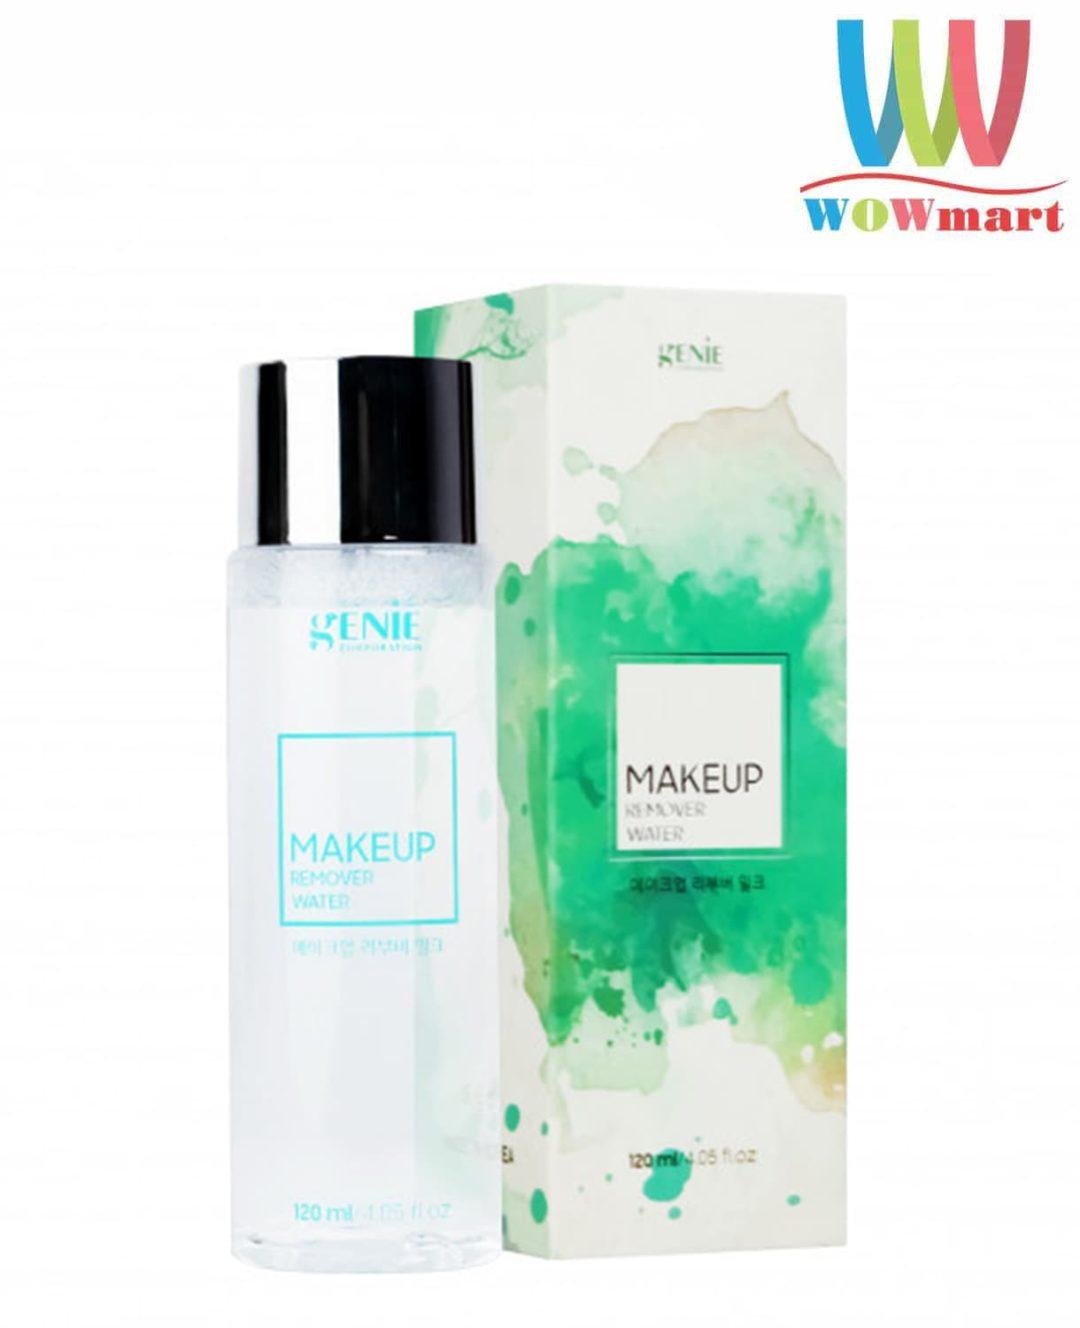 Nước tẩy trang Genie Makeup Remover Water 120ml